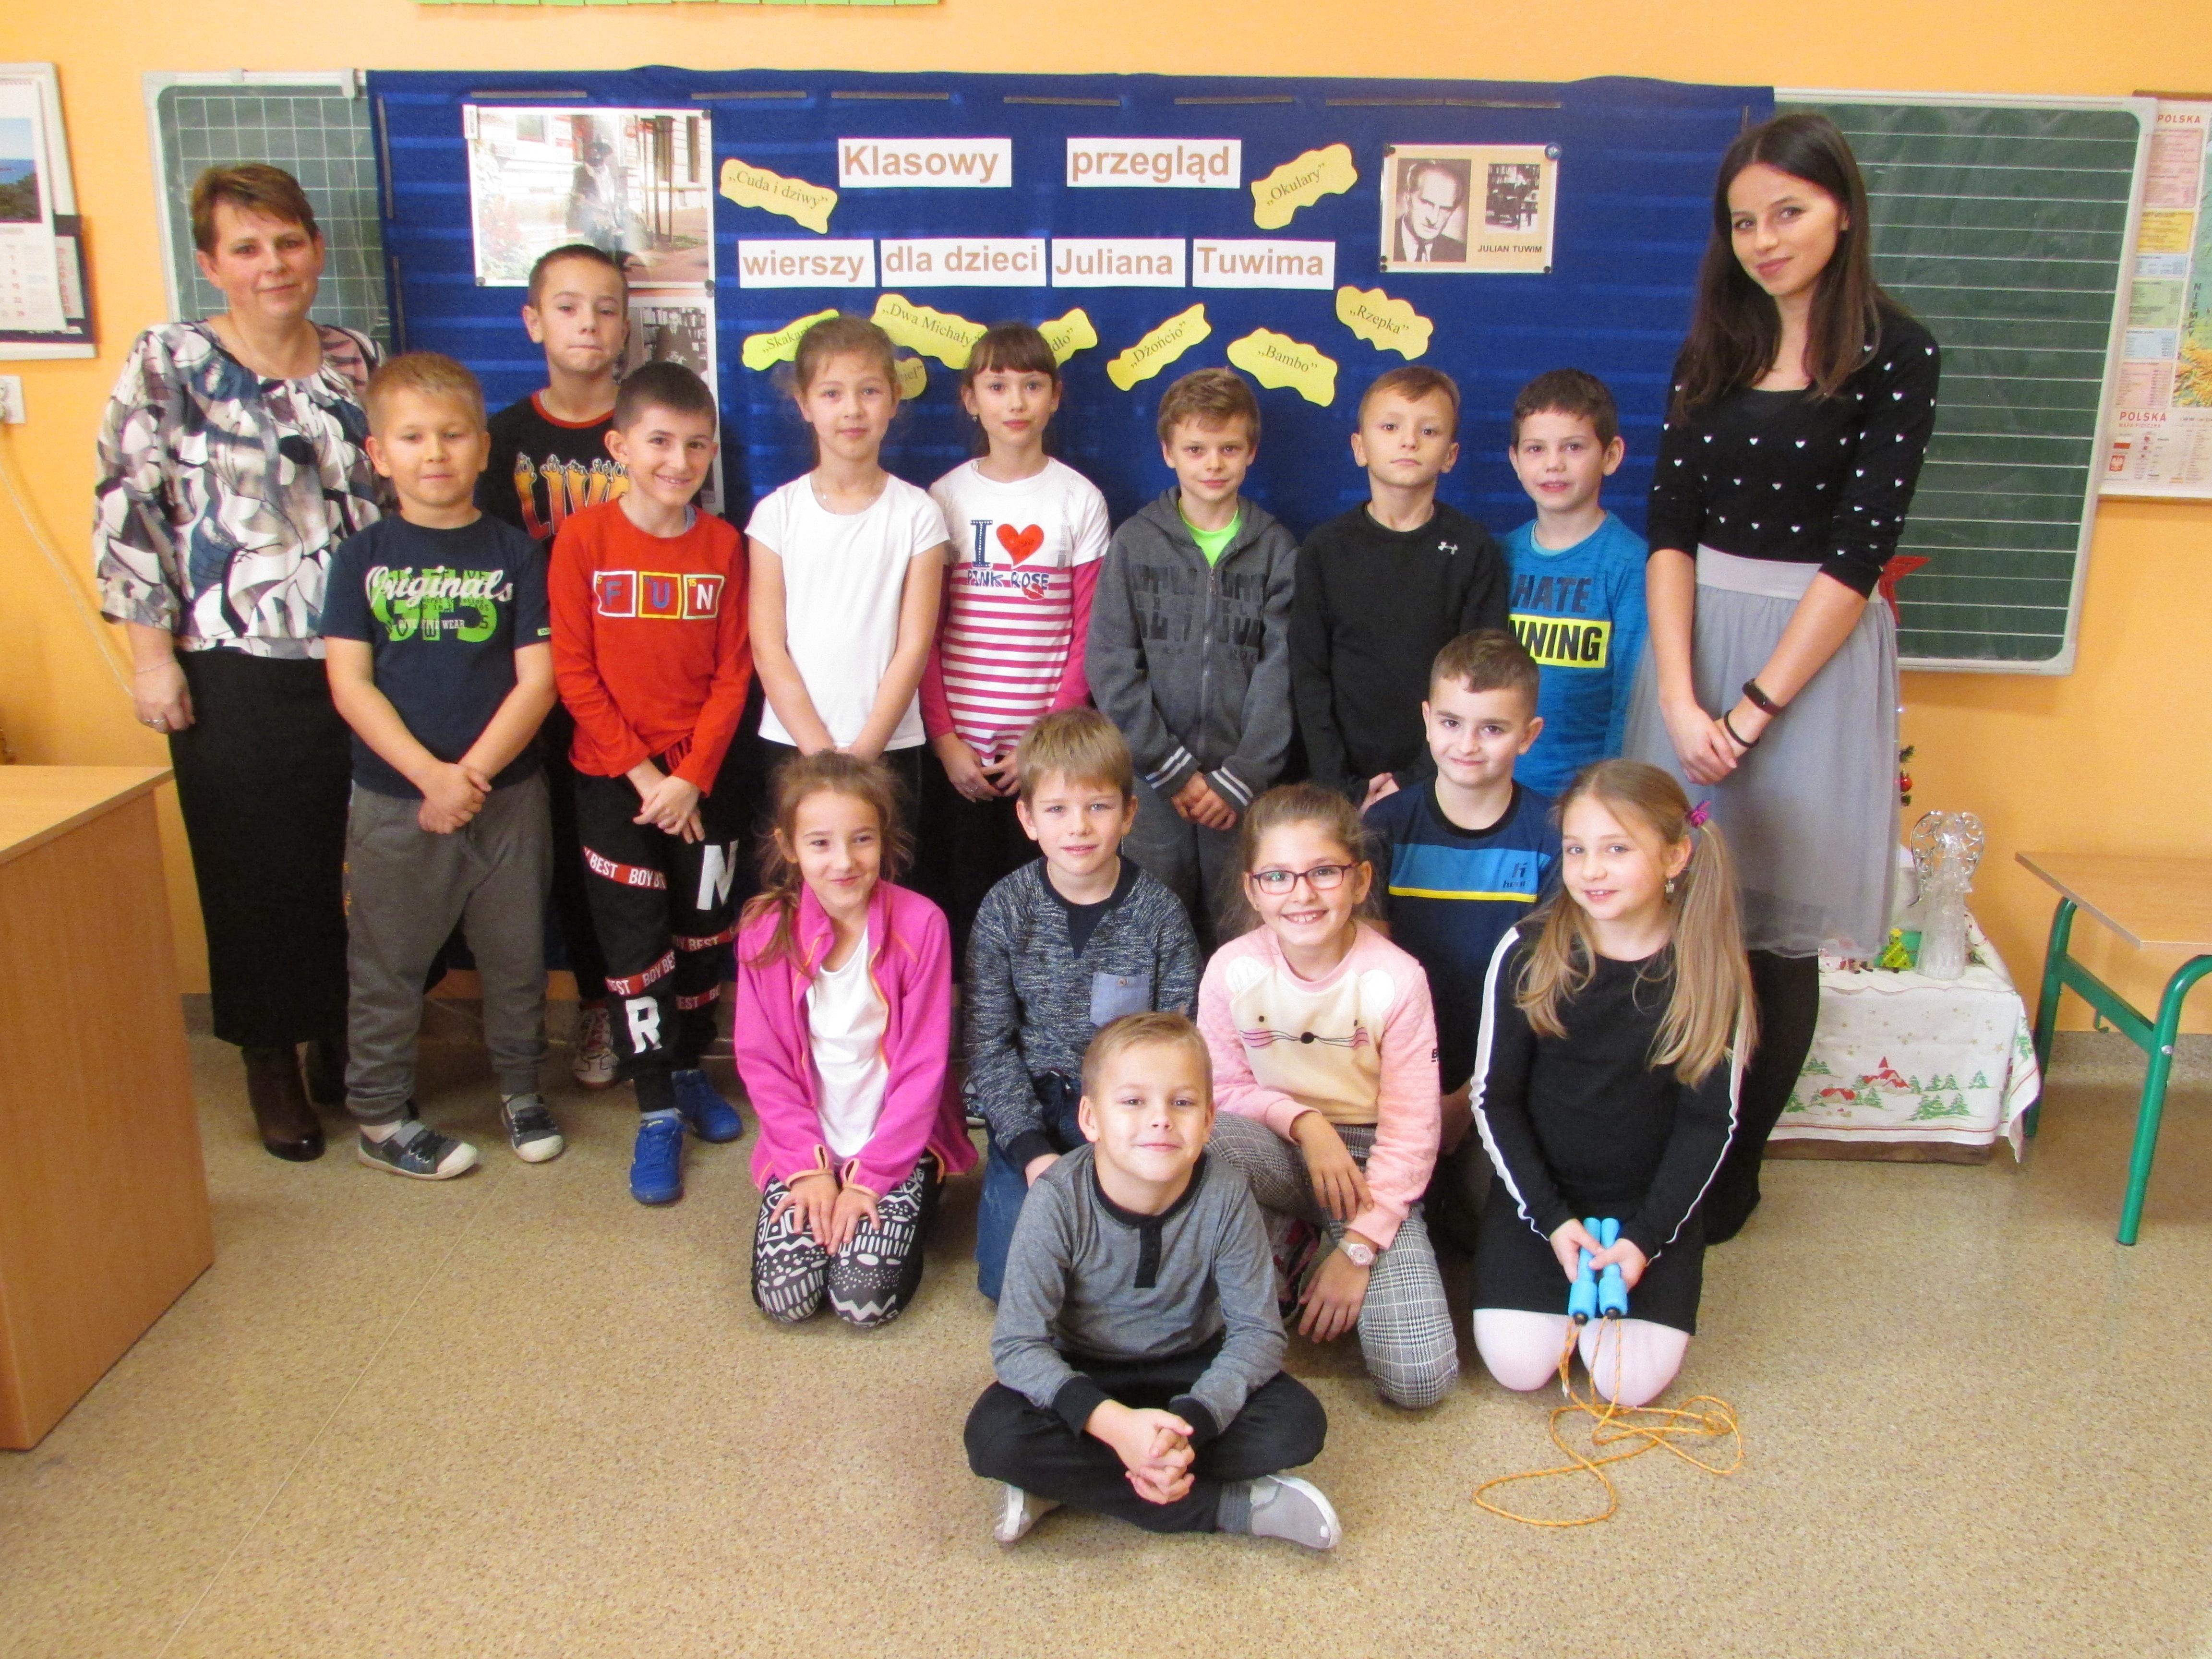 Klasowy Przegląd Wierszy Dla Dzieci Juliana Tuwima